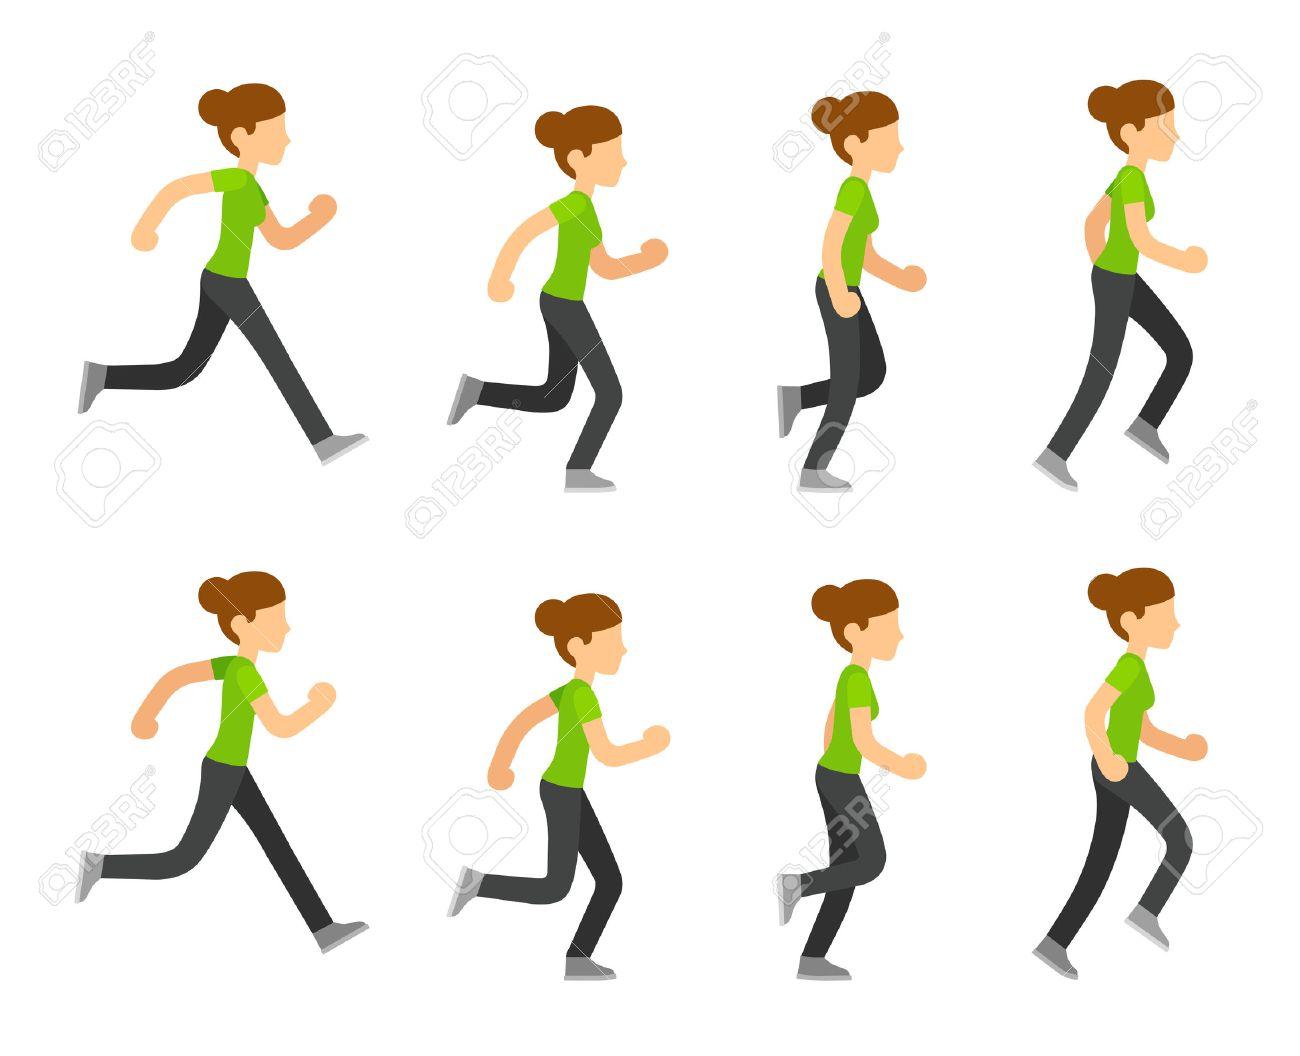 Running Woman Animation Frames Set. Flat Cartoon Vector Illustration ...